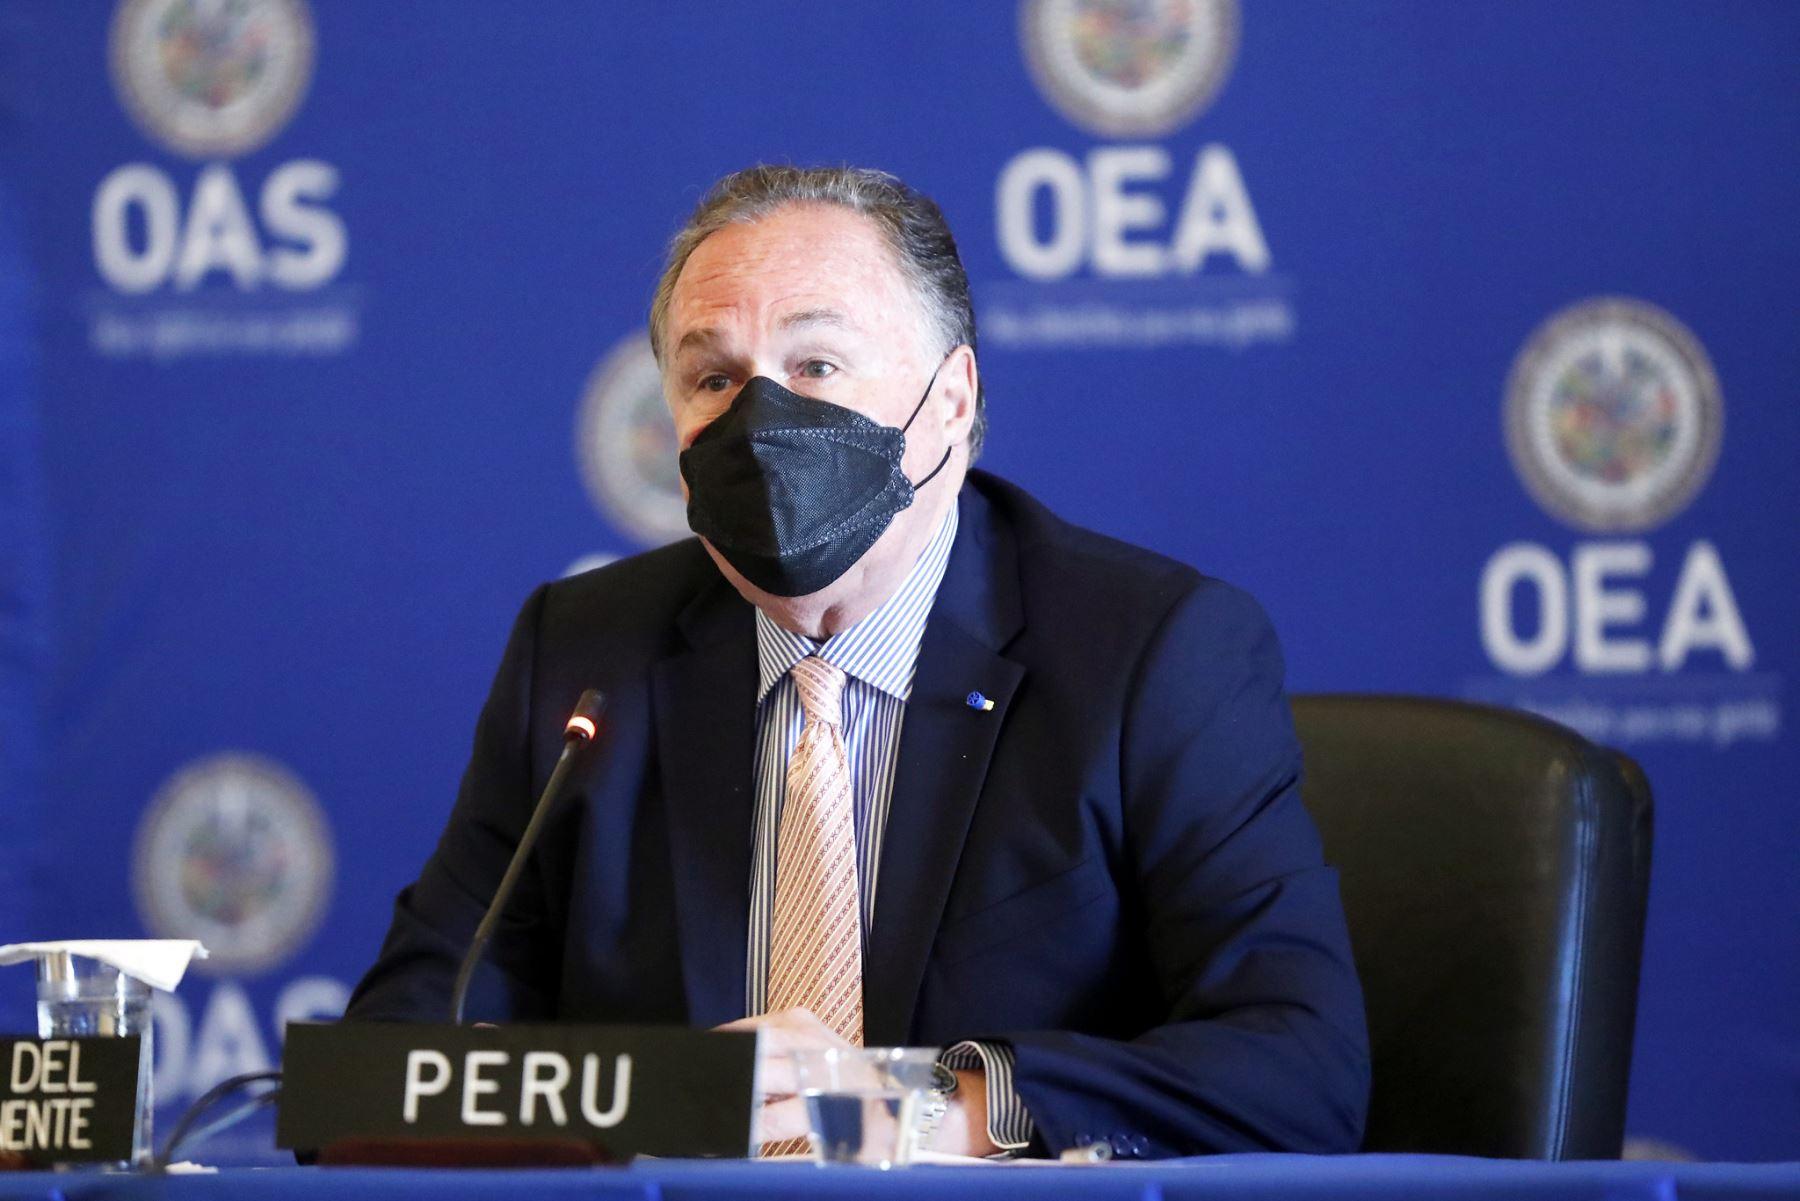 El representante permanente del Perú ante la Organización de Estados Americanos (OEA), Harold Forsyth, durante la Sesión del Consejo Permanente de la Organización de Estados Americanos (OEA), en Washigton D.C. Foto: ANDINA/Prensa Presidencia